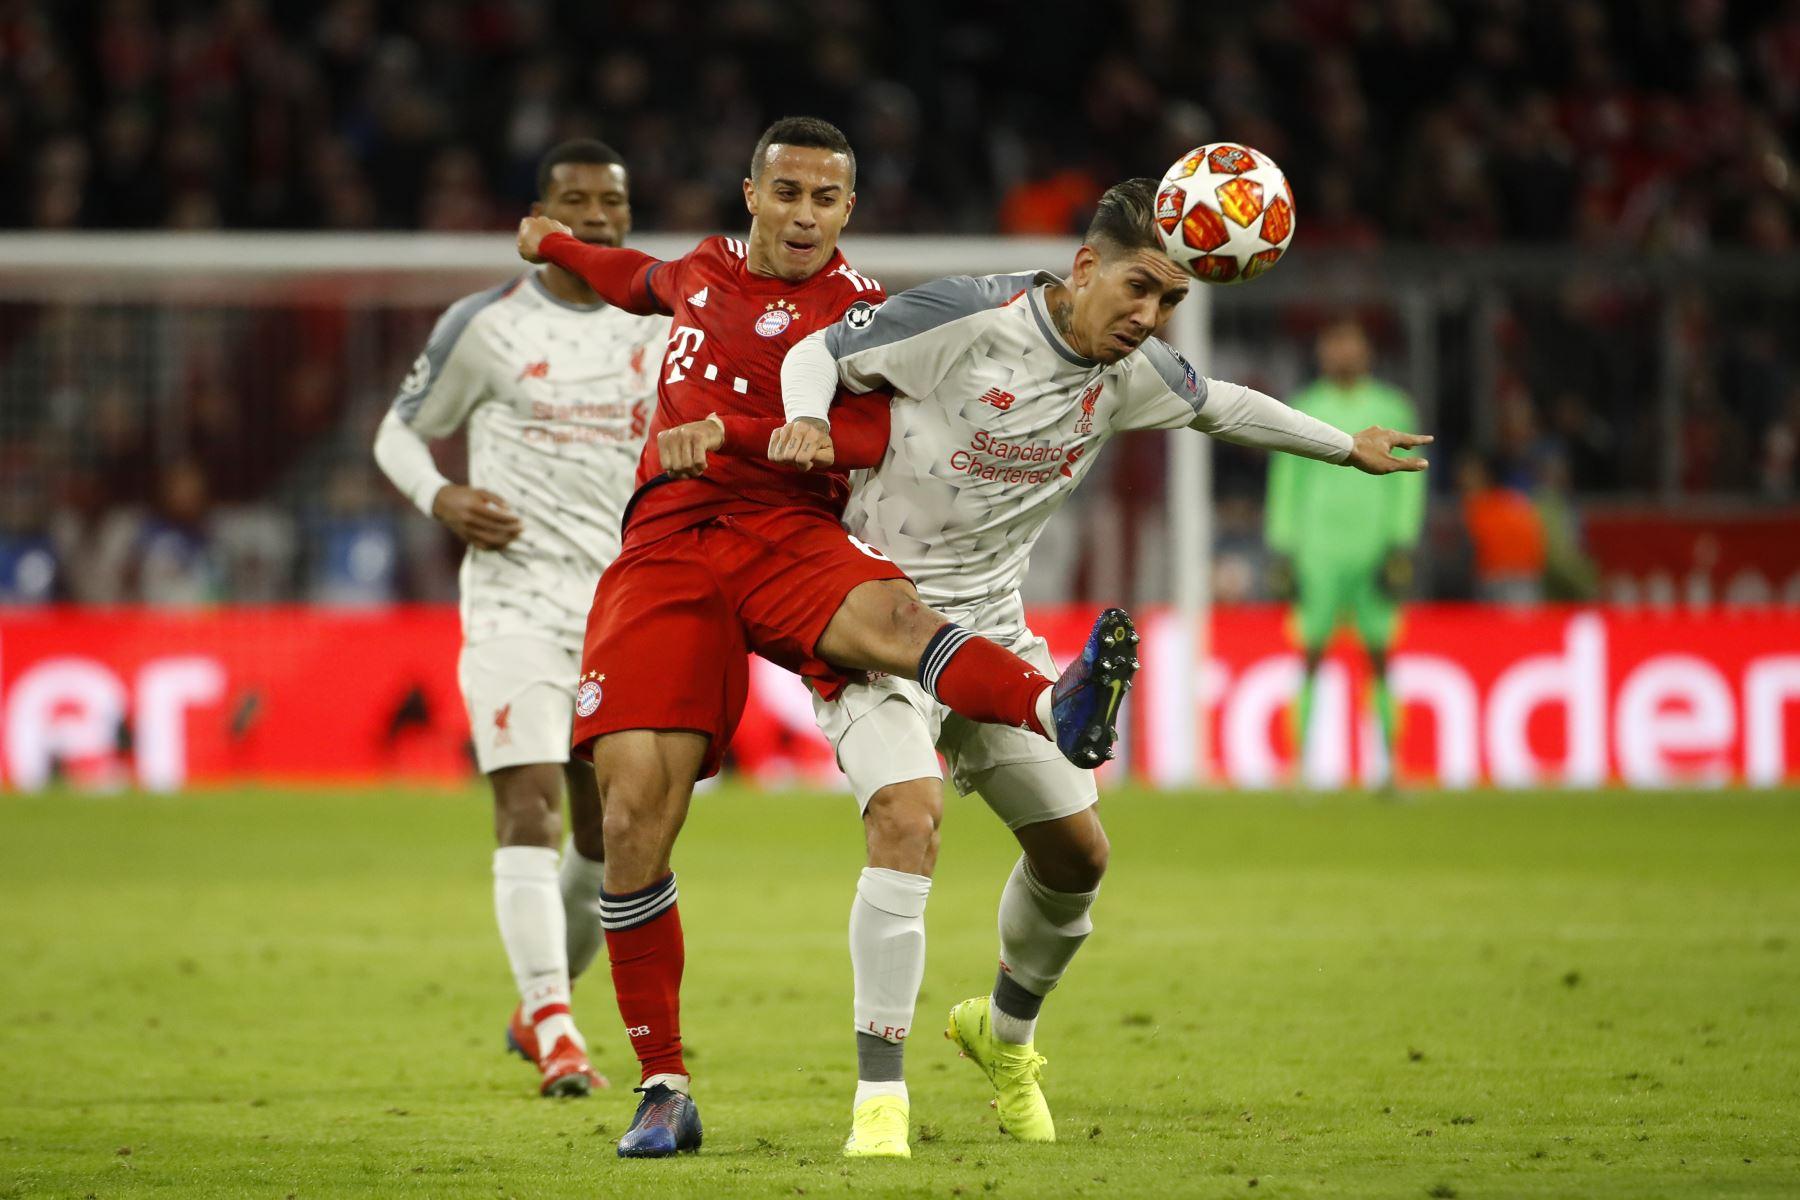 Bayern pierde 3 a 1 con el Liverpool por la Champions League. Foto: AFP